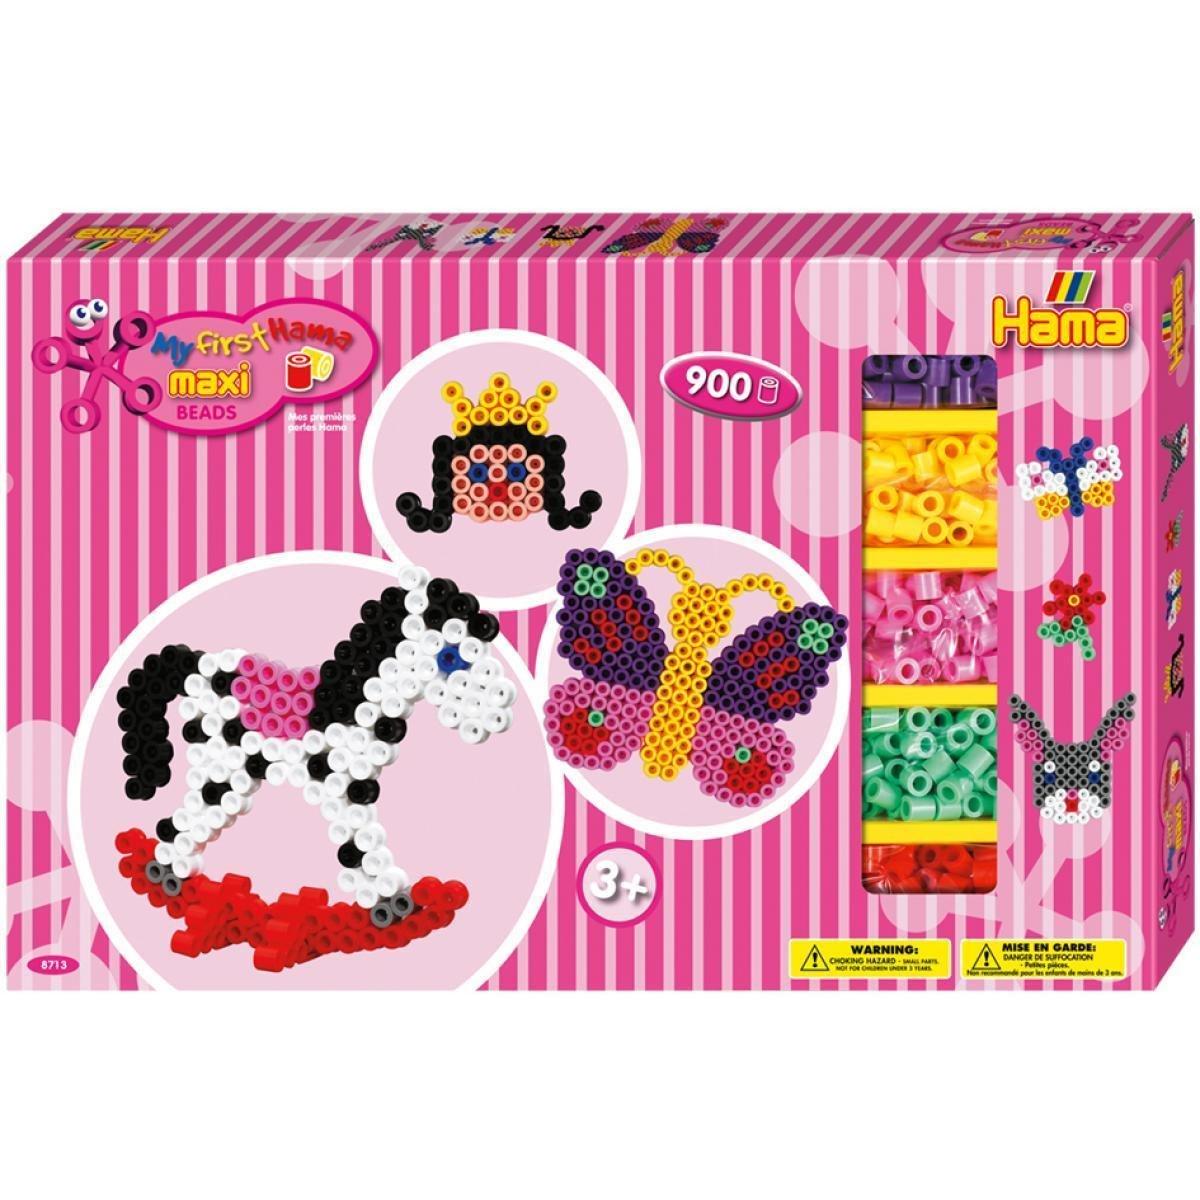 Hama 8571 Maxi Secchiello di Perline in Colori Pastello